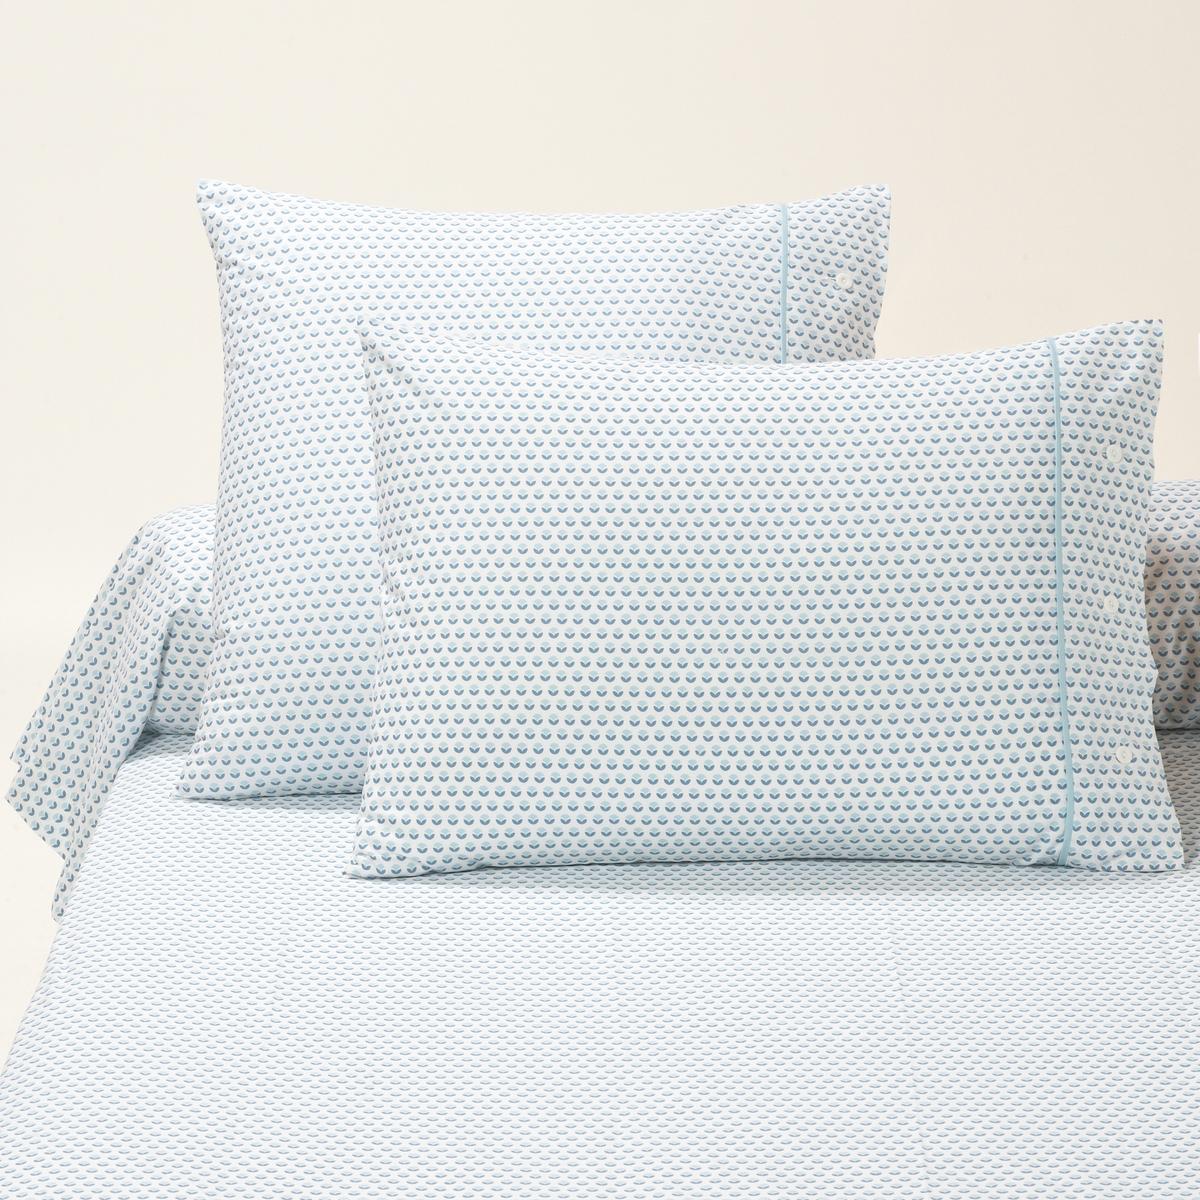 Наволочки на подушку и наволочка на подушку-валик, RICHMONDНаволочки на подушку в форме мешка (квадратная и прямоугольная) и наволочка на подушку-валик Richmond с цветочным микрорисунком, в строгом, изящном и легком стиле. Сочетается с постельным бельем Portland и Newport. Характеристики наволочек на подушку и наволочки на подушку-валик Richmond :- Цветочный микрорисунок синего цвета на белом фоне.- Застежка на пуговицы. Finition biais bleu.- 100% хлопка (57 нитей/см?). Чем больше плотность переплетения нитей/см?, тем качественнее материал.- Сохраняет цвет при стирке при 60 °C.- Знак Oeko-Tex® гарантирует, что товары протестированы и сертифицированы, не содержат вредных веществ, которые могли бы нанести вред здоровью.Соотношения размеров наволочек на подушку и наволочки на подушку-валик :50 x 70 см : прямоугольная наволочка63 x 63 см : квадратная наволочка85 x 185 см : наволочка на подушку-валикОткройте для себя всю коллекцию постельного белья, нажав RICHMOND<br><br>Цвет: синий/ белый<br>Размер: 50 x 70  см